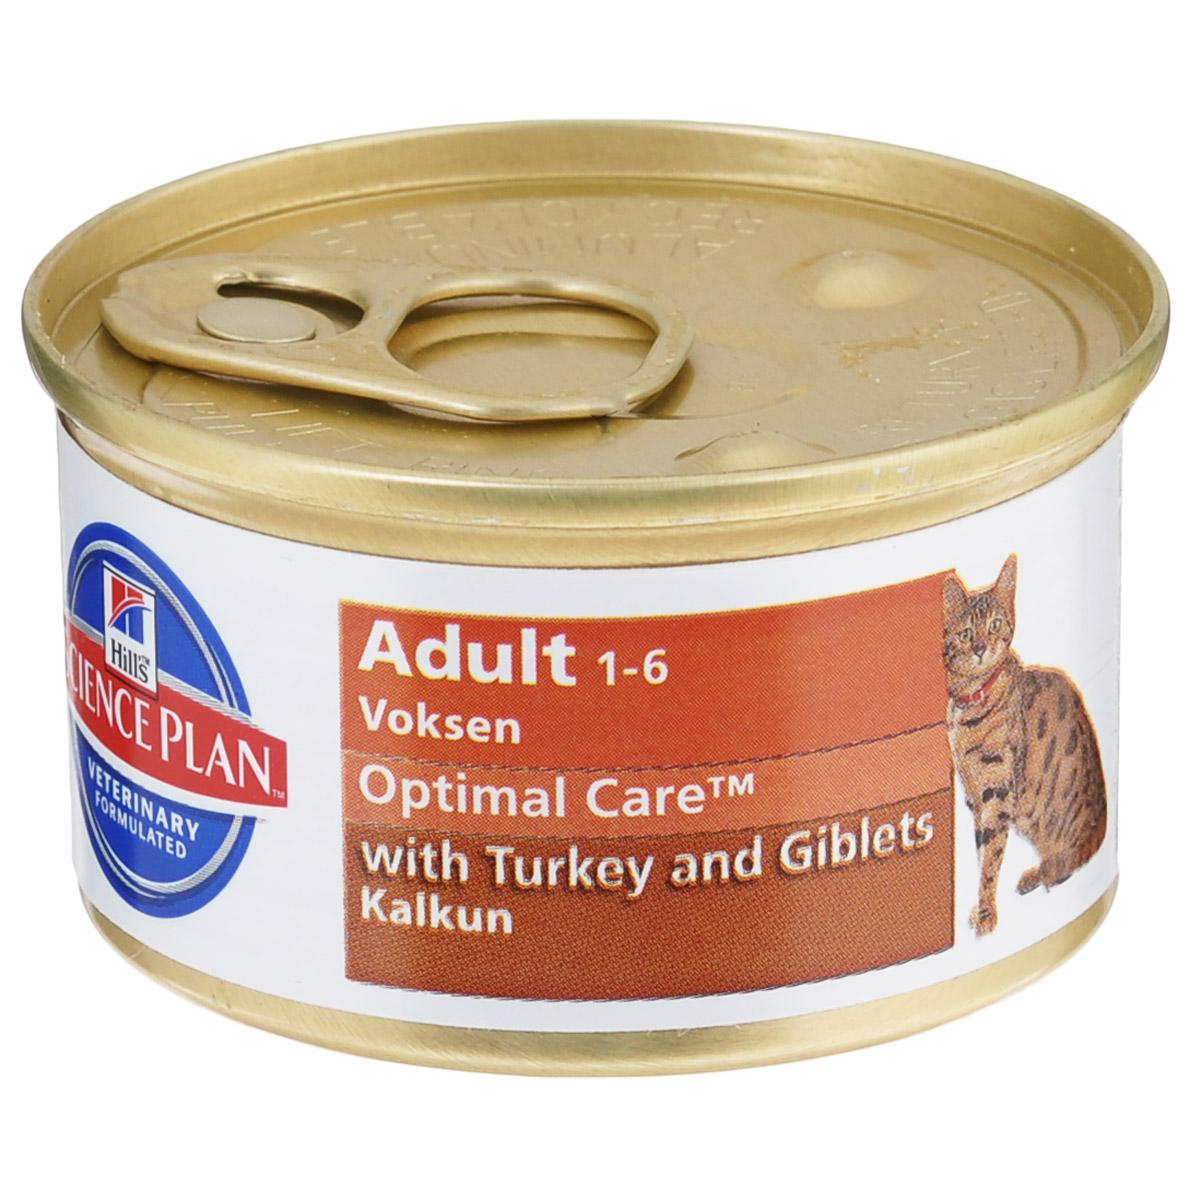 Консервы для взрослых кошек Hills Optimal Care, с индейкой и потрошками, 85 г4537Консервы для кошек Hills Optimal Care - это полноценное питание для кошек с 1 года до 6 лет. Помогают поддержать здоровье мочевыводящих путей и оптимальный вес, содержат антиоксиданты с клинически подтвержденным эффектом, протеины и Омега-3 жирные кислоты. Ключевые преимущества: Поддерживает мускулатуру и оптимальный вес. Контролируемый уровень минералов для здоровья нижних мочевыводящих путей. Высоко перевариваемые ингредиенты для легкости пищеварения. 100% гарантия качества, консистенции и вкуса. Состав: мясо и субпродукты животного происхождения (индейка мин. 17%, потрошки мин. 12%), злаки, рыба и рыбные производные, масла и жиры, экстракты растительного происхождения, минералы, дрожжи. Средний анализ: белок 9%, жир 6,5%, клетчатка 1,2%, зола 1,5%, влага 75,5%. Добавки на кг: Е671 (Витамин D3) 330 МЕ, Е1 (железо) 13,6 мг, Е2 (йод) 0,4 мг, Е4 (медь) 1,2 мг, Е5 (марганец) 3 мг, Е6 (цинк) 43,2 мг, Е8...